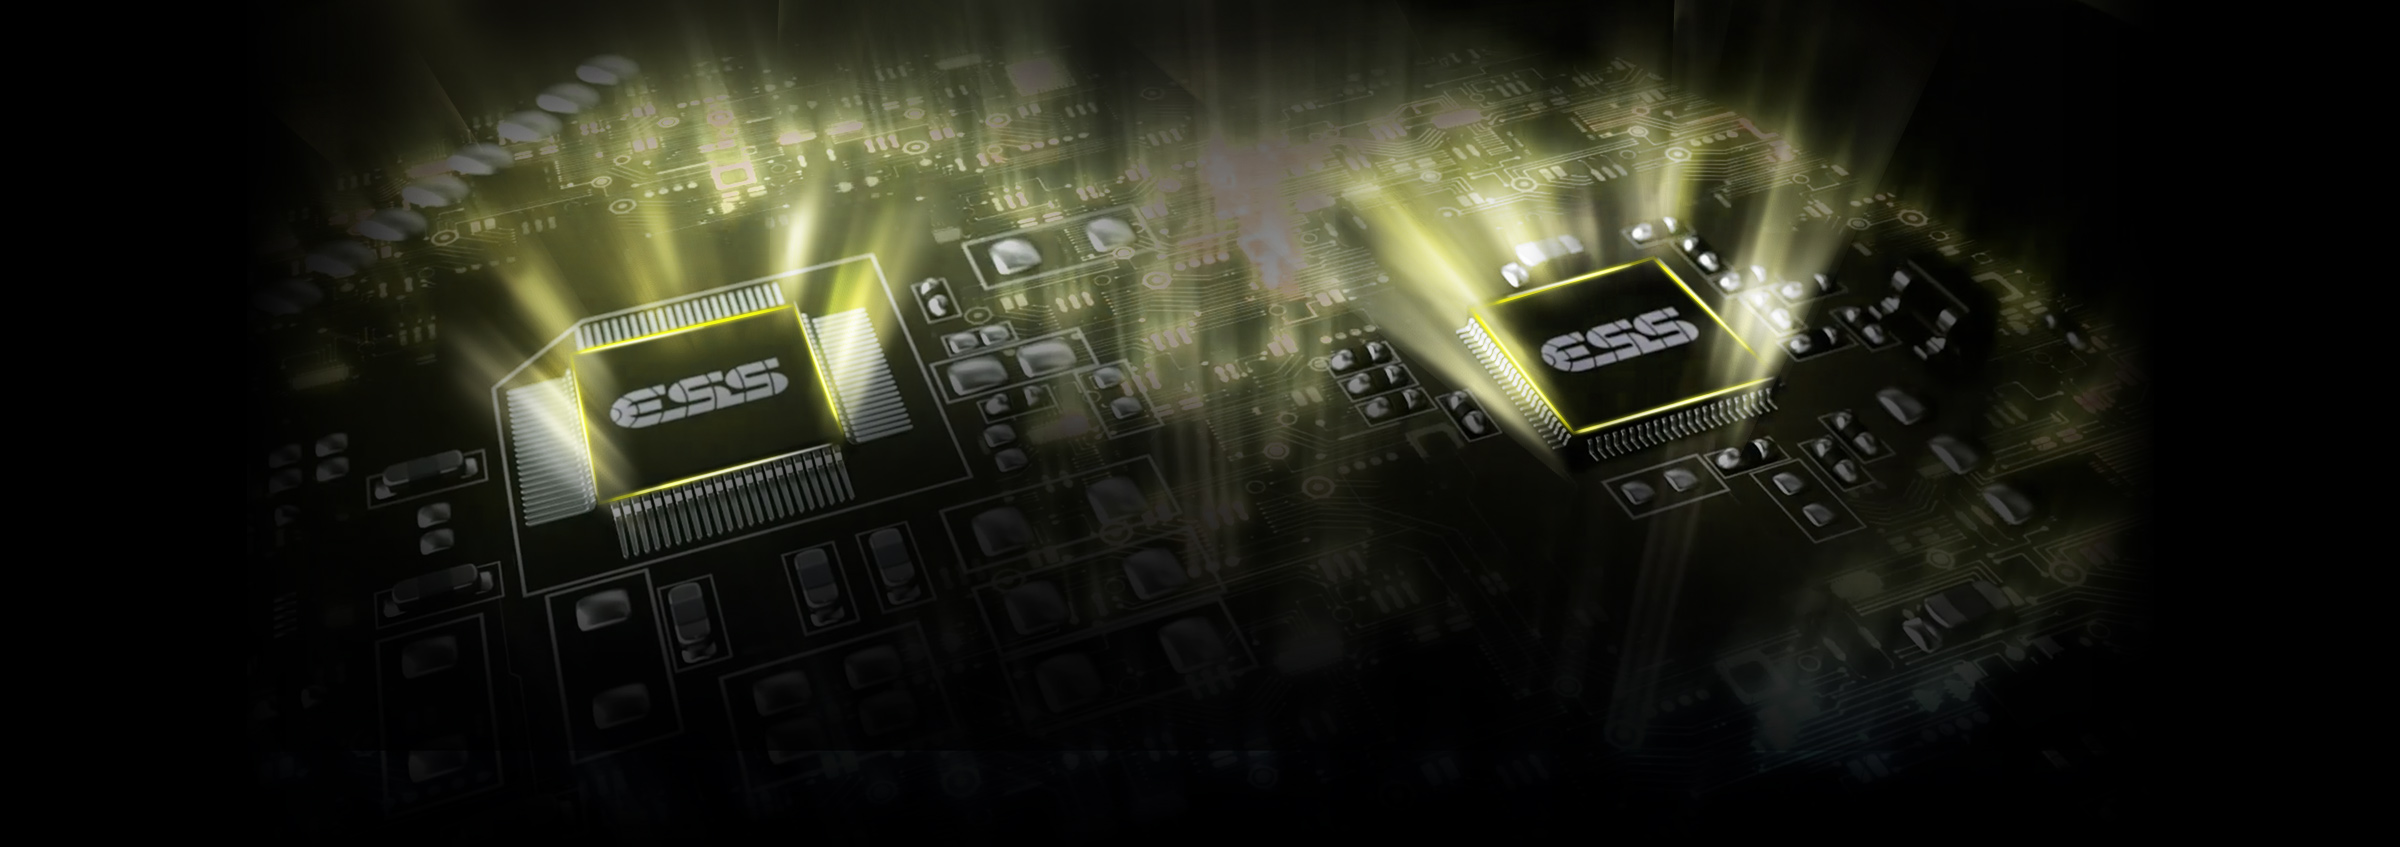 Tai nghe Bluetooth Asus ROG Strix Fusion 700 Gaming trang bị chip xử lý âm thanh cao cấp